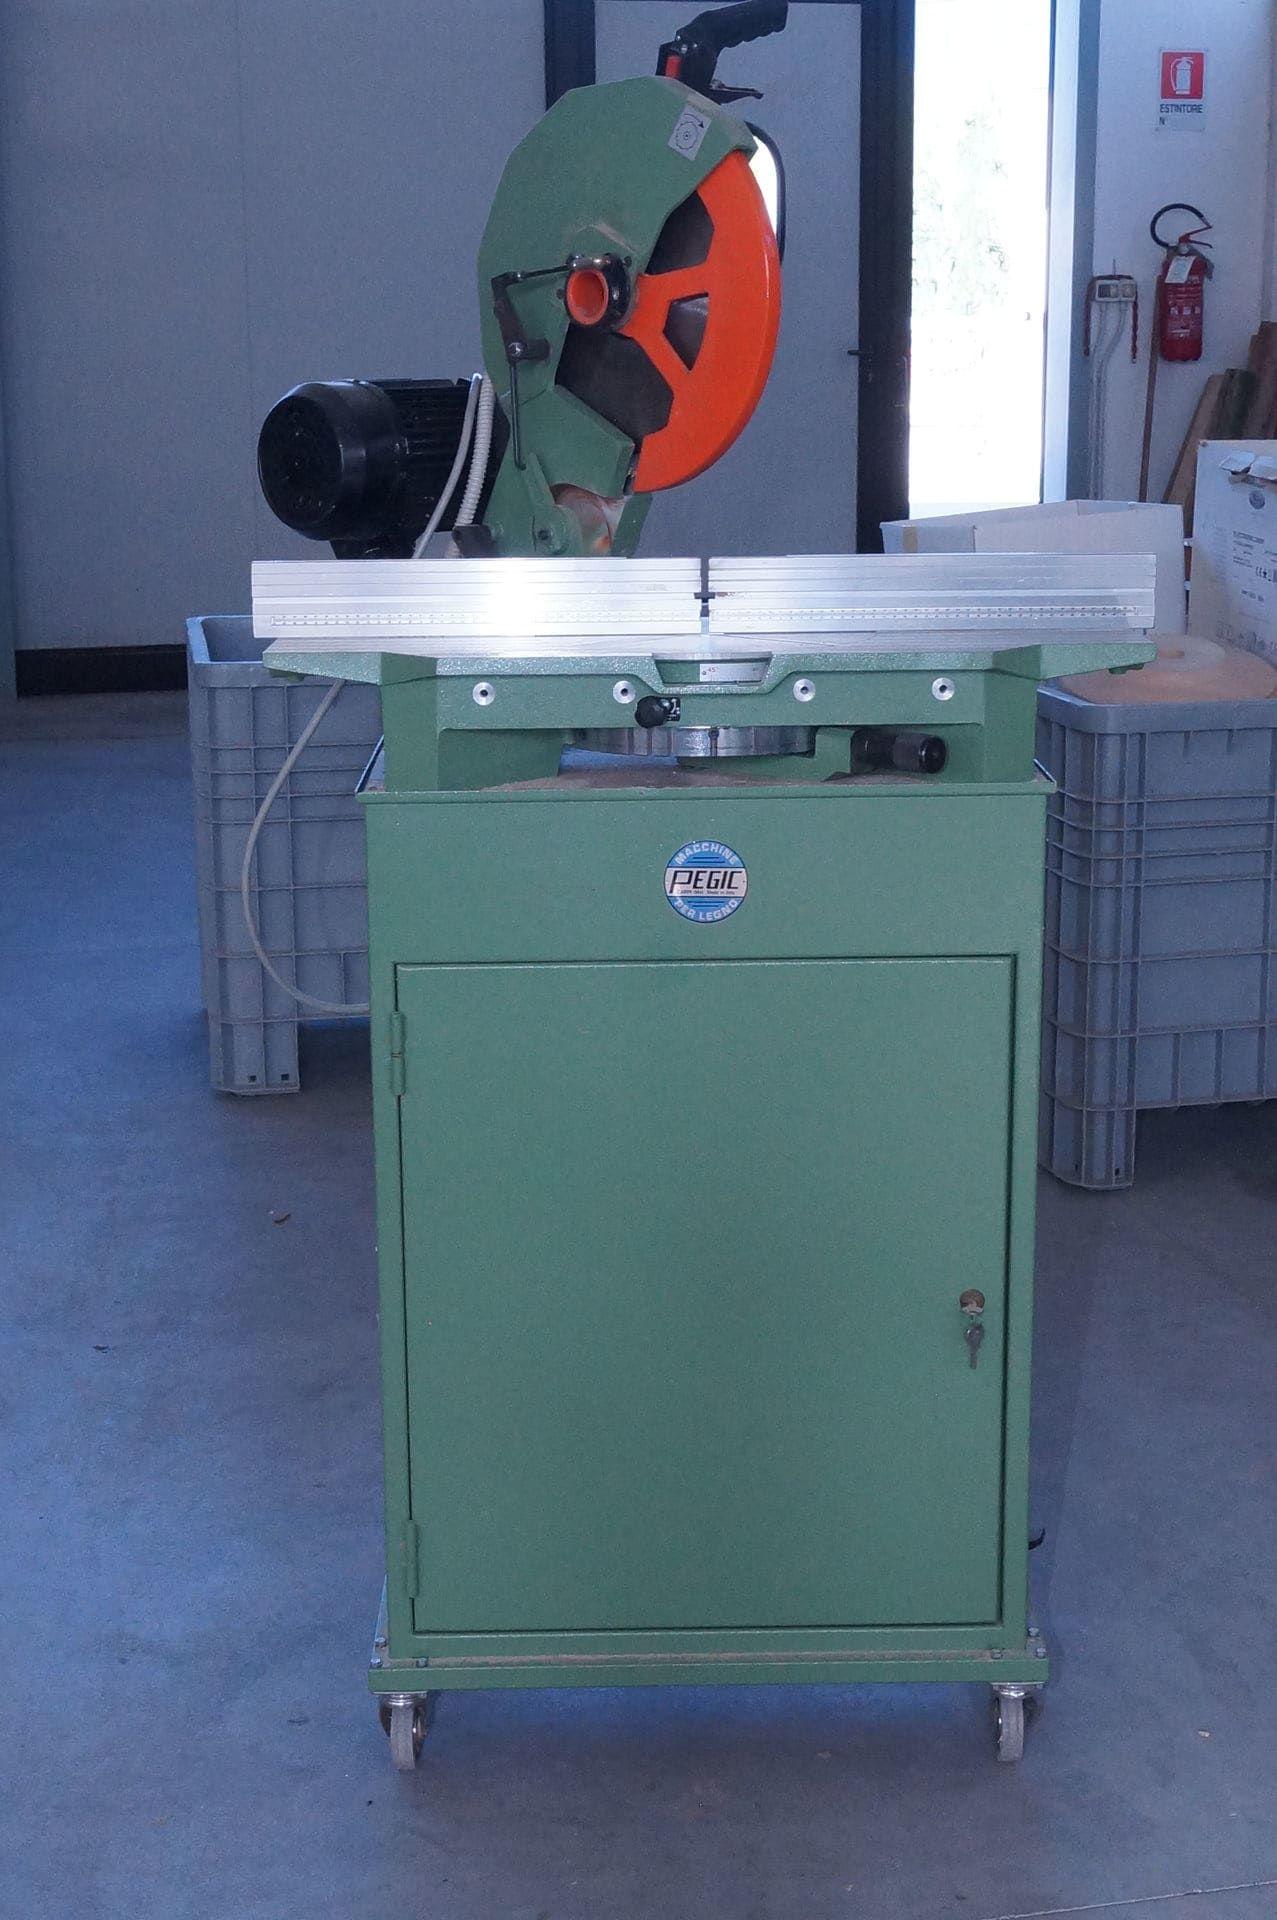 PEGIC GP 350 RT Schneidemaschine mit Werkbank